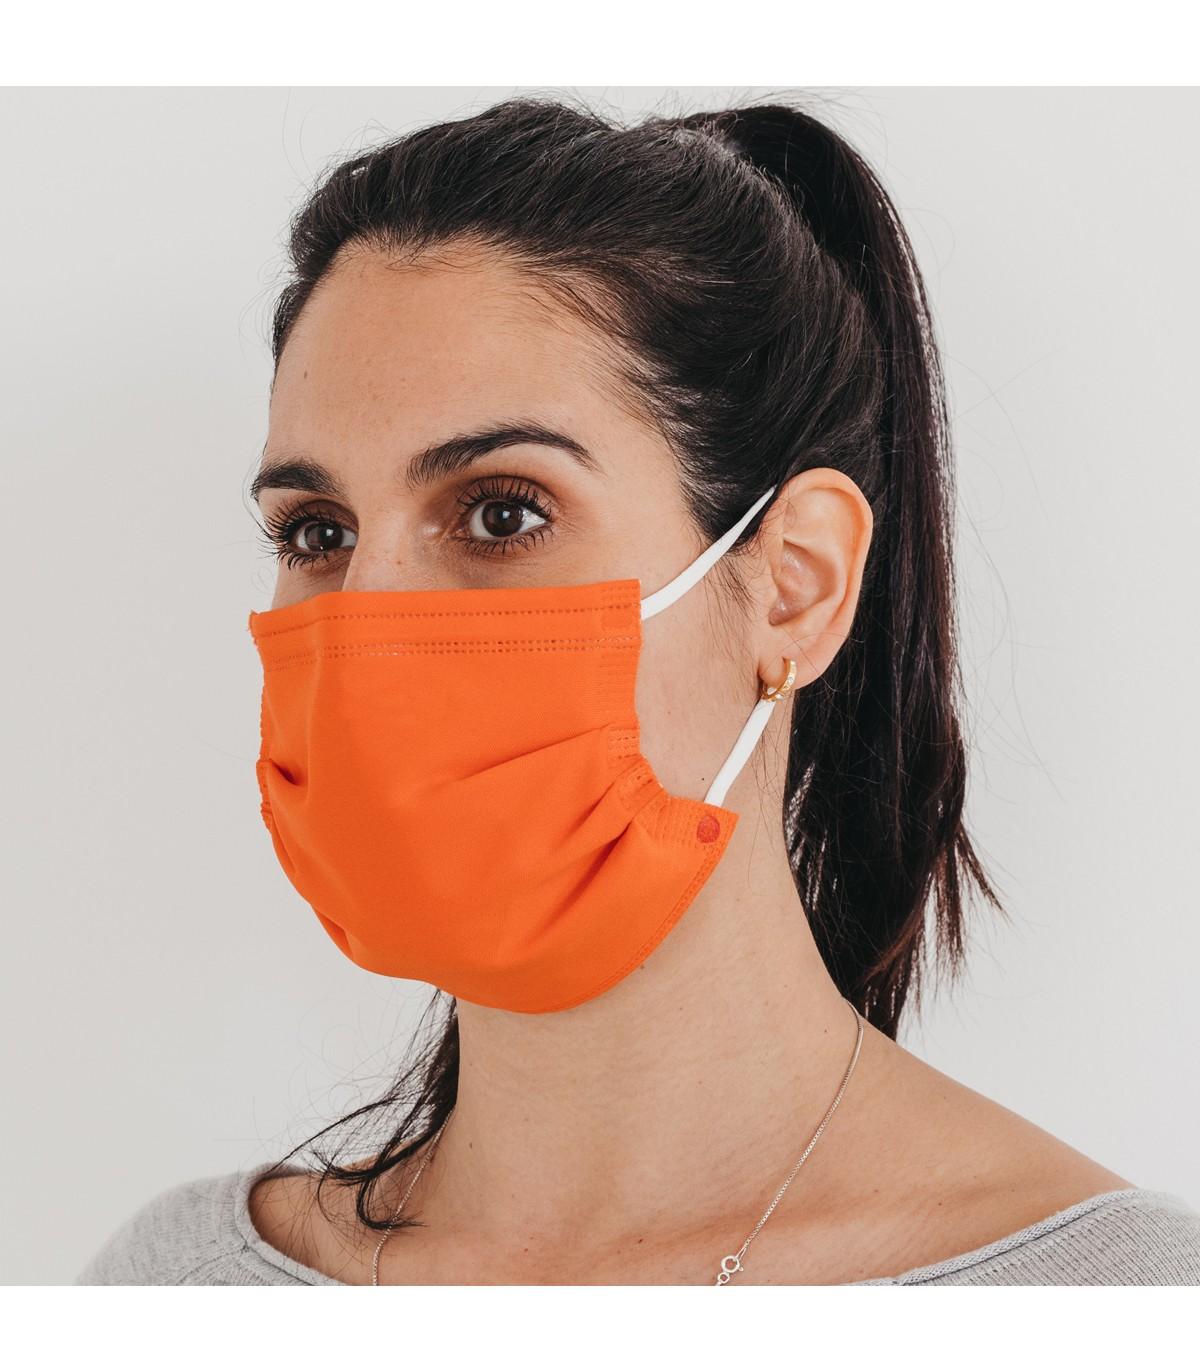 Mascarilla quirúrgica textil reutilizable - naranja